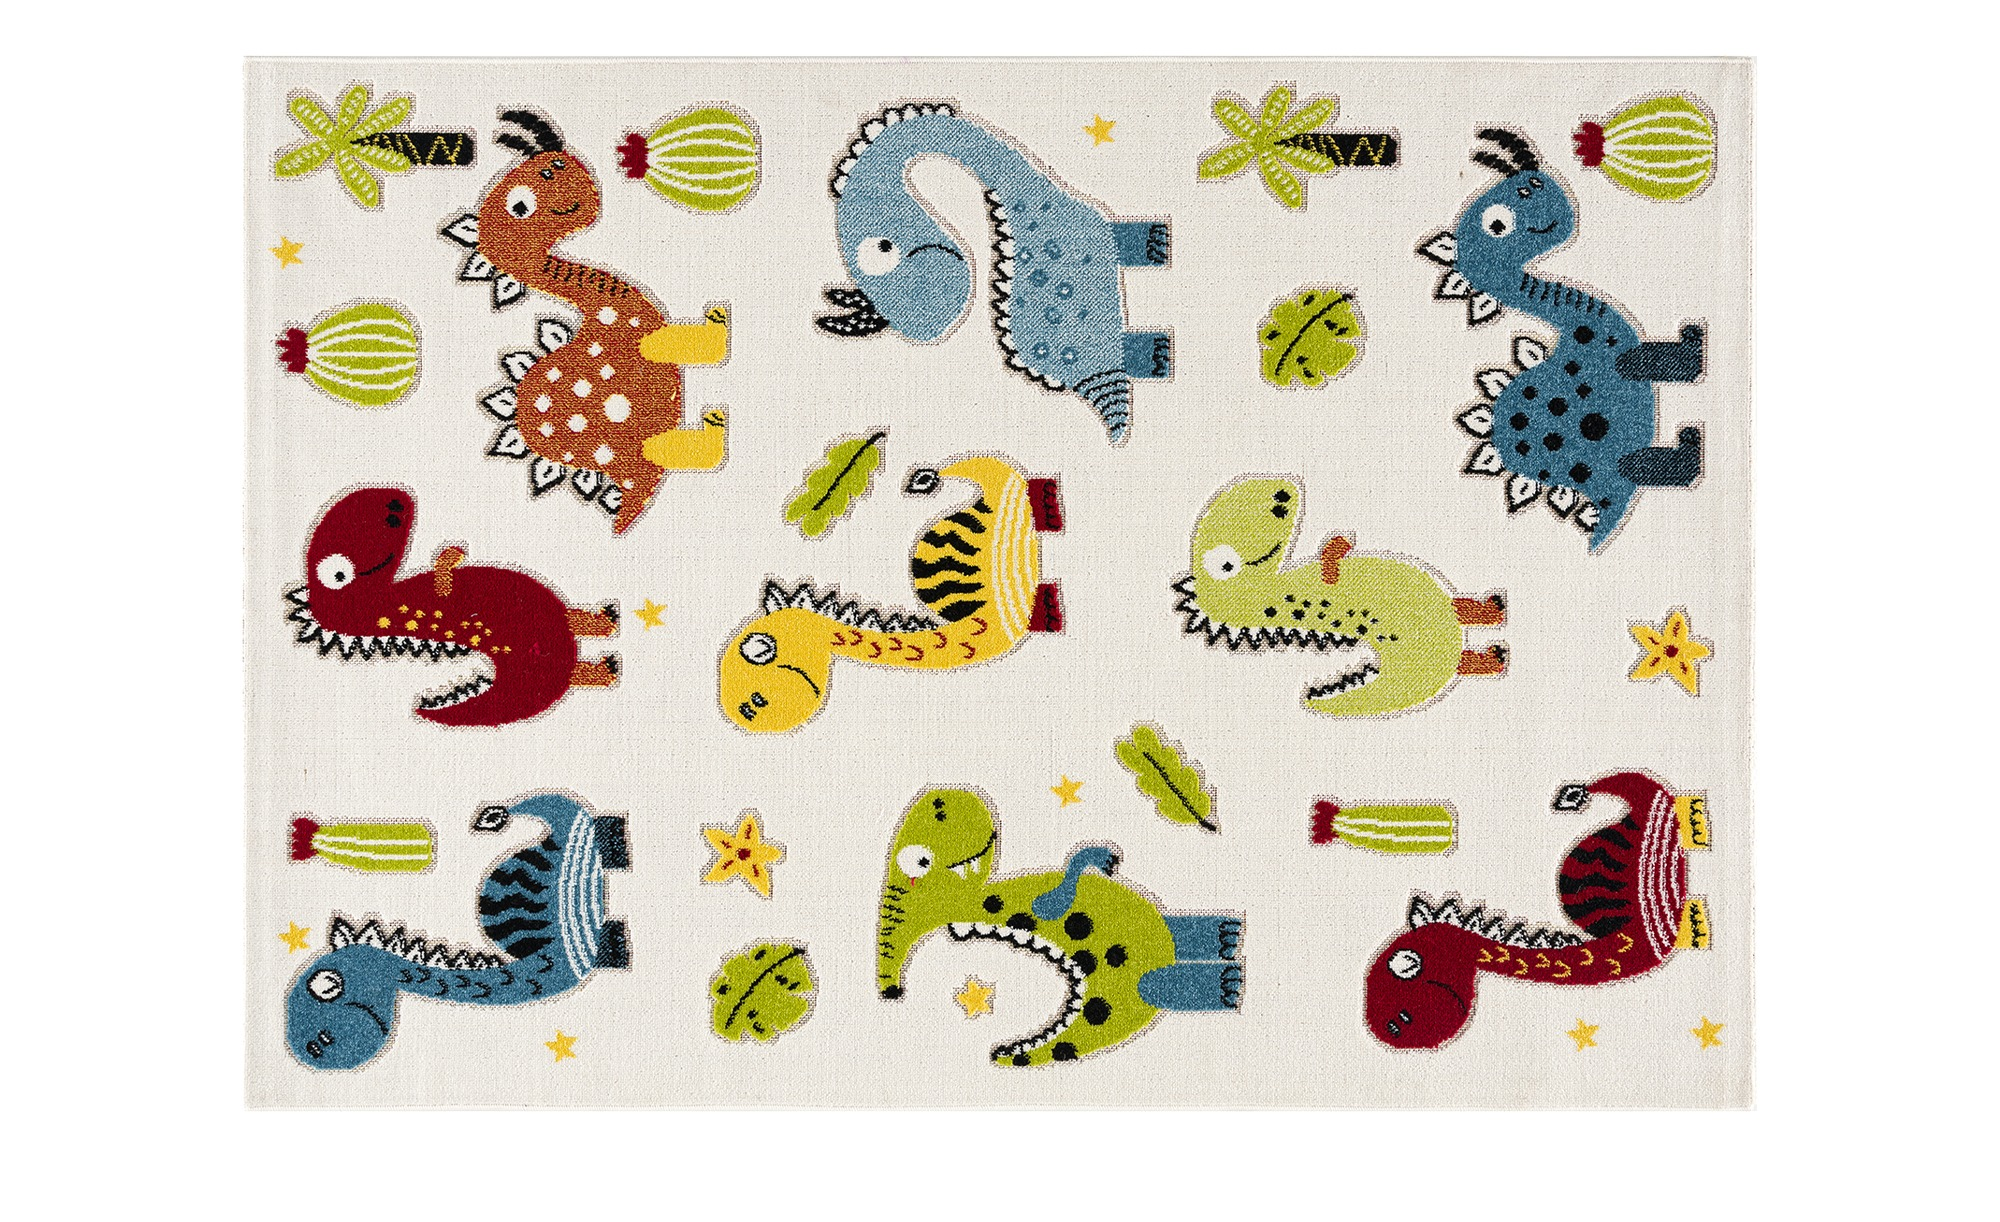 Teppich für Kinder mit lustigen Dinos